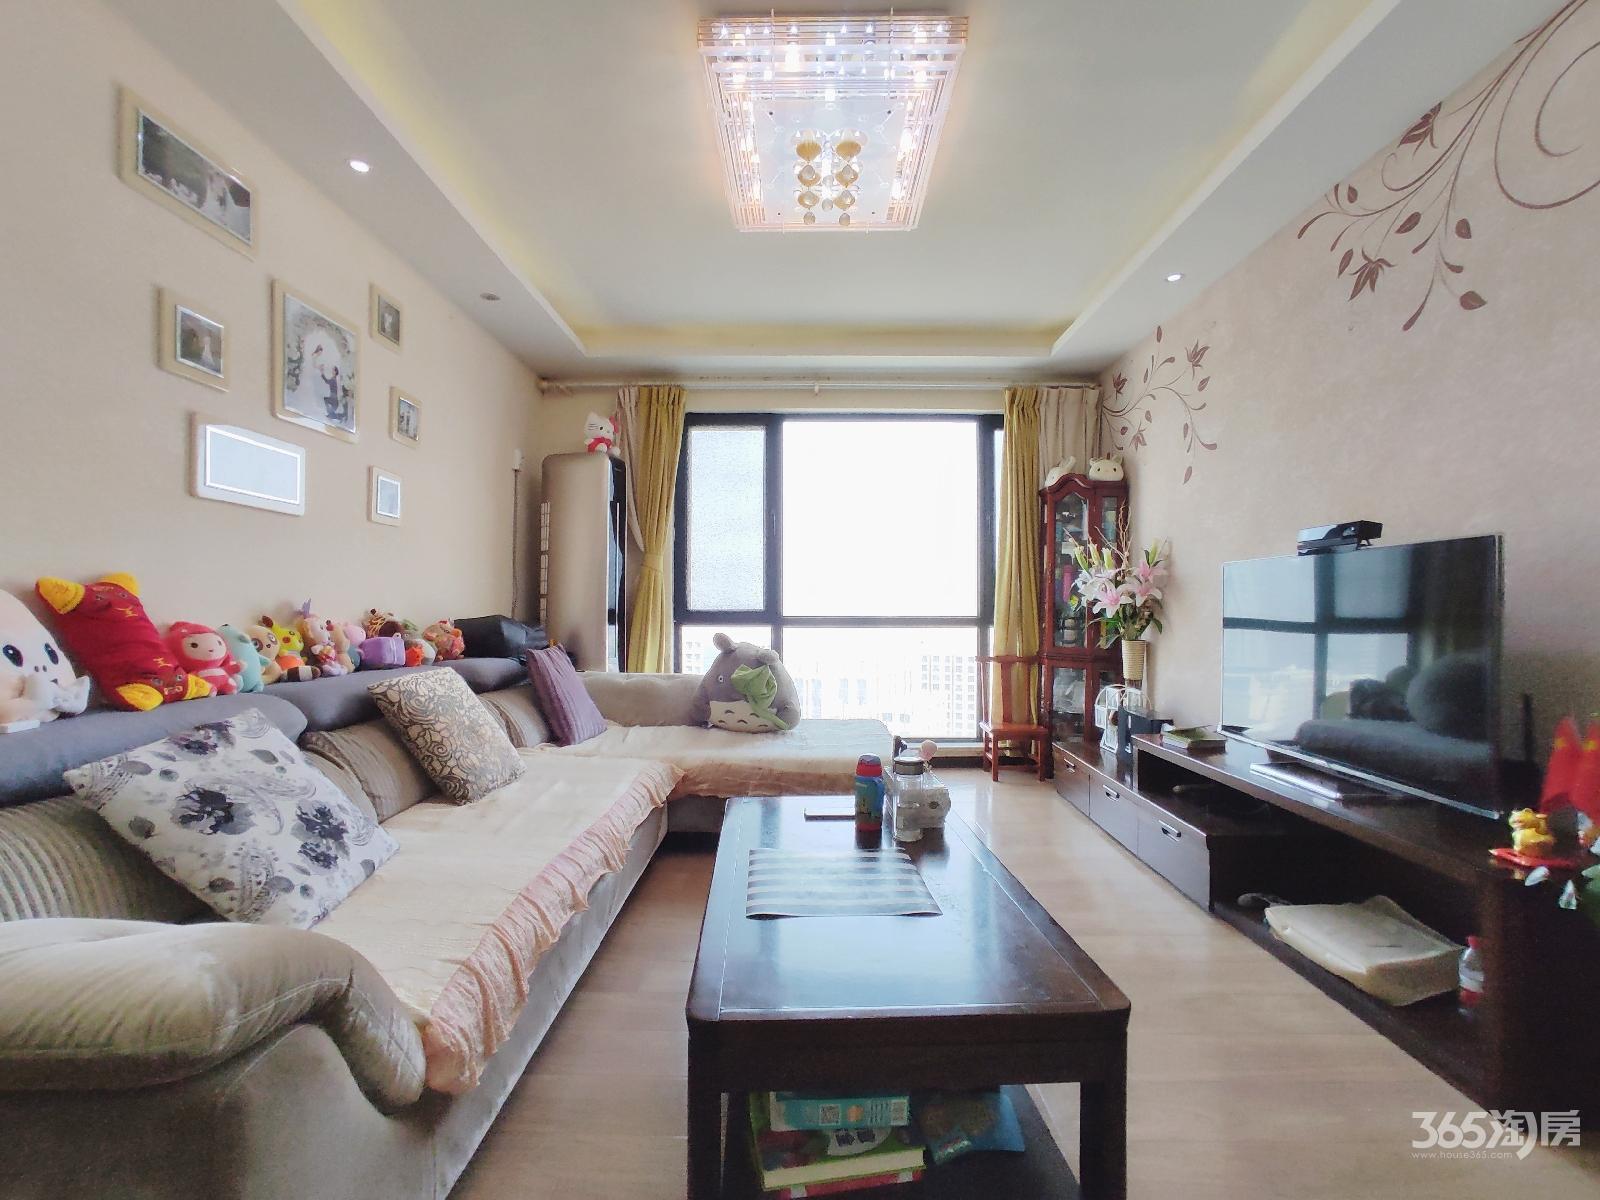 21世纪国际公寓西区3室2厅1卫98.5平方米300万元